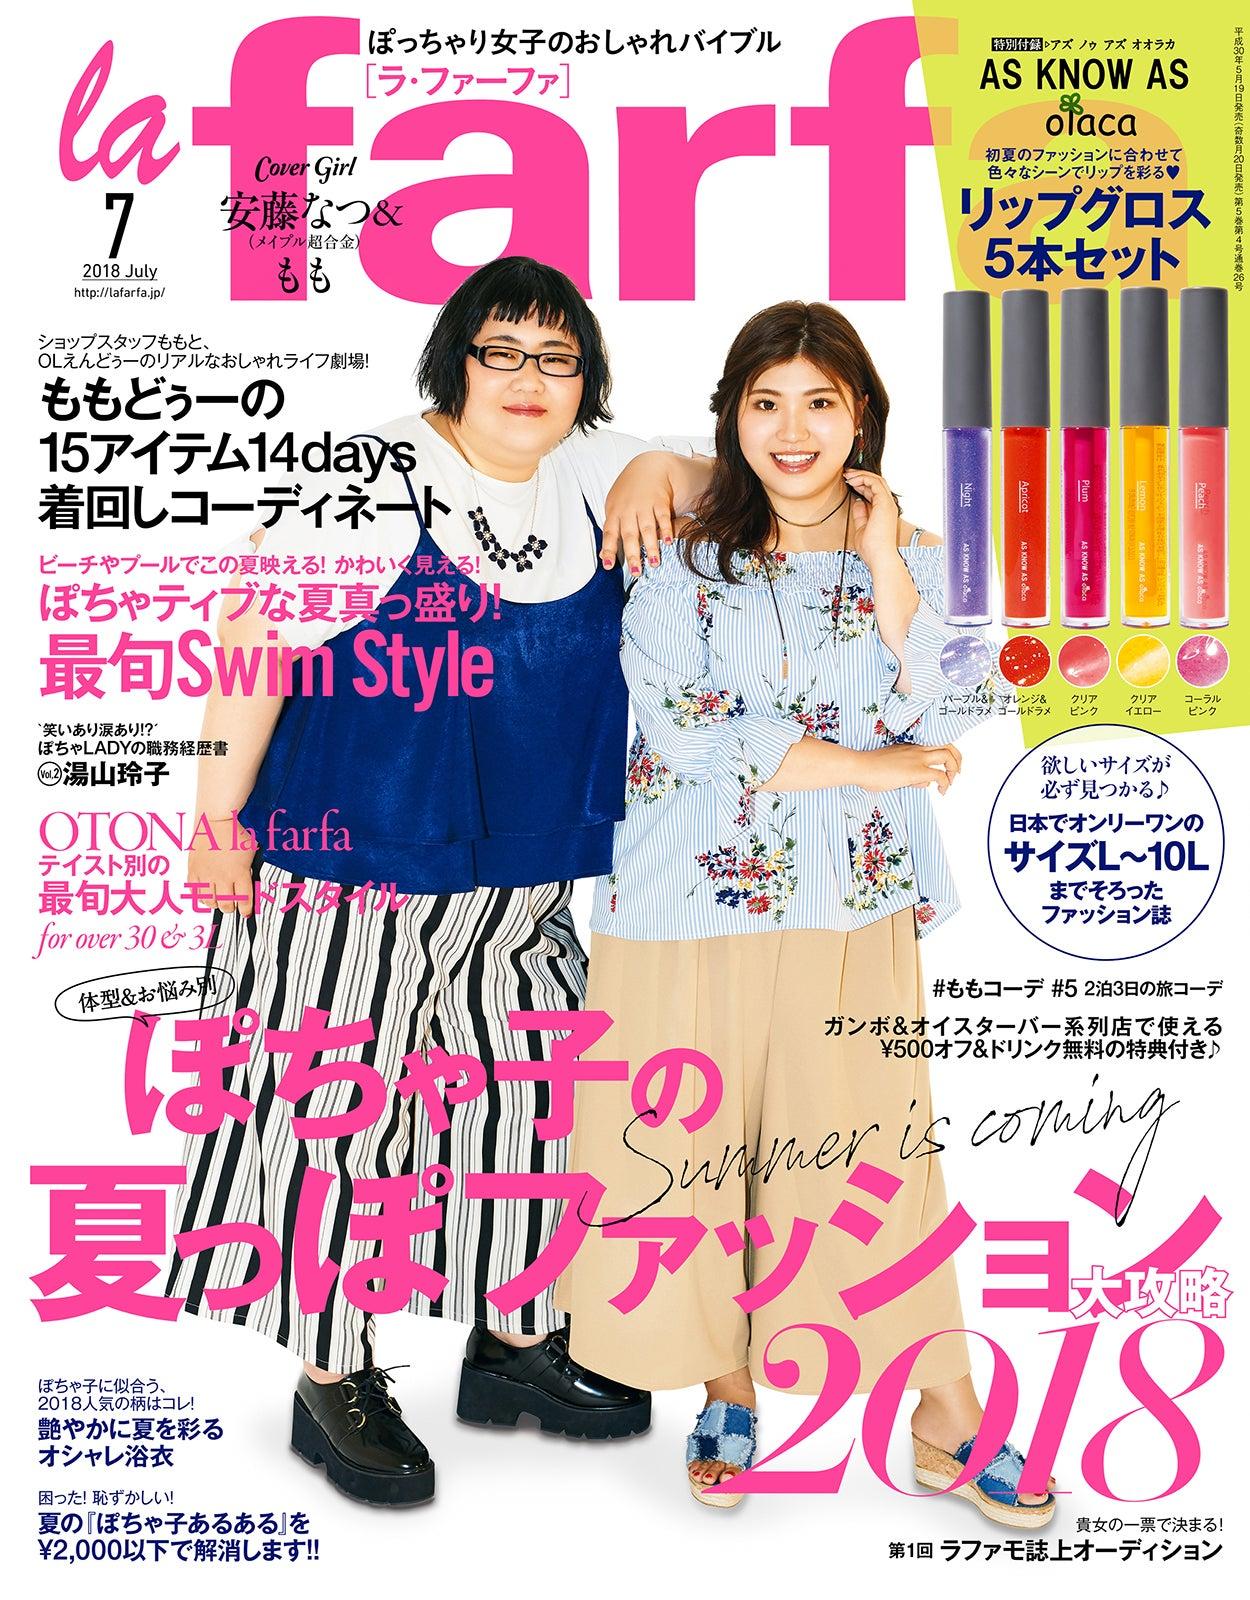 ファッション雑誌 表紙風